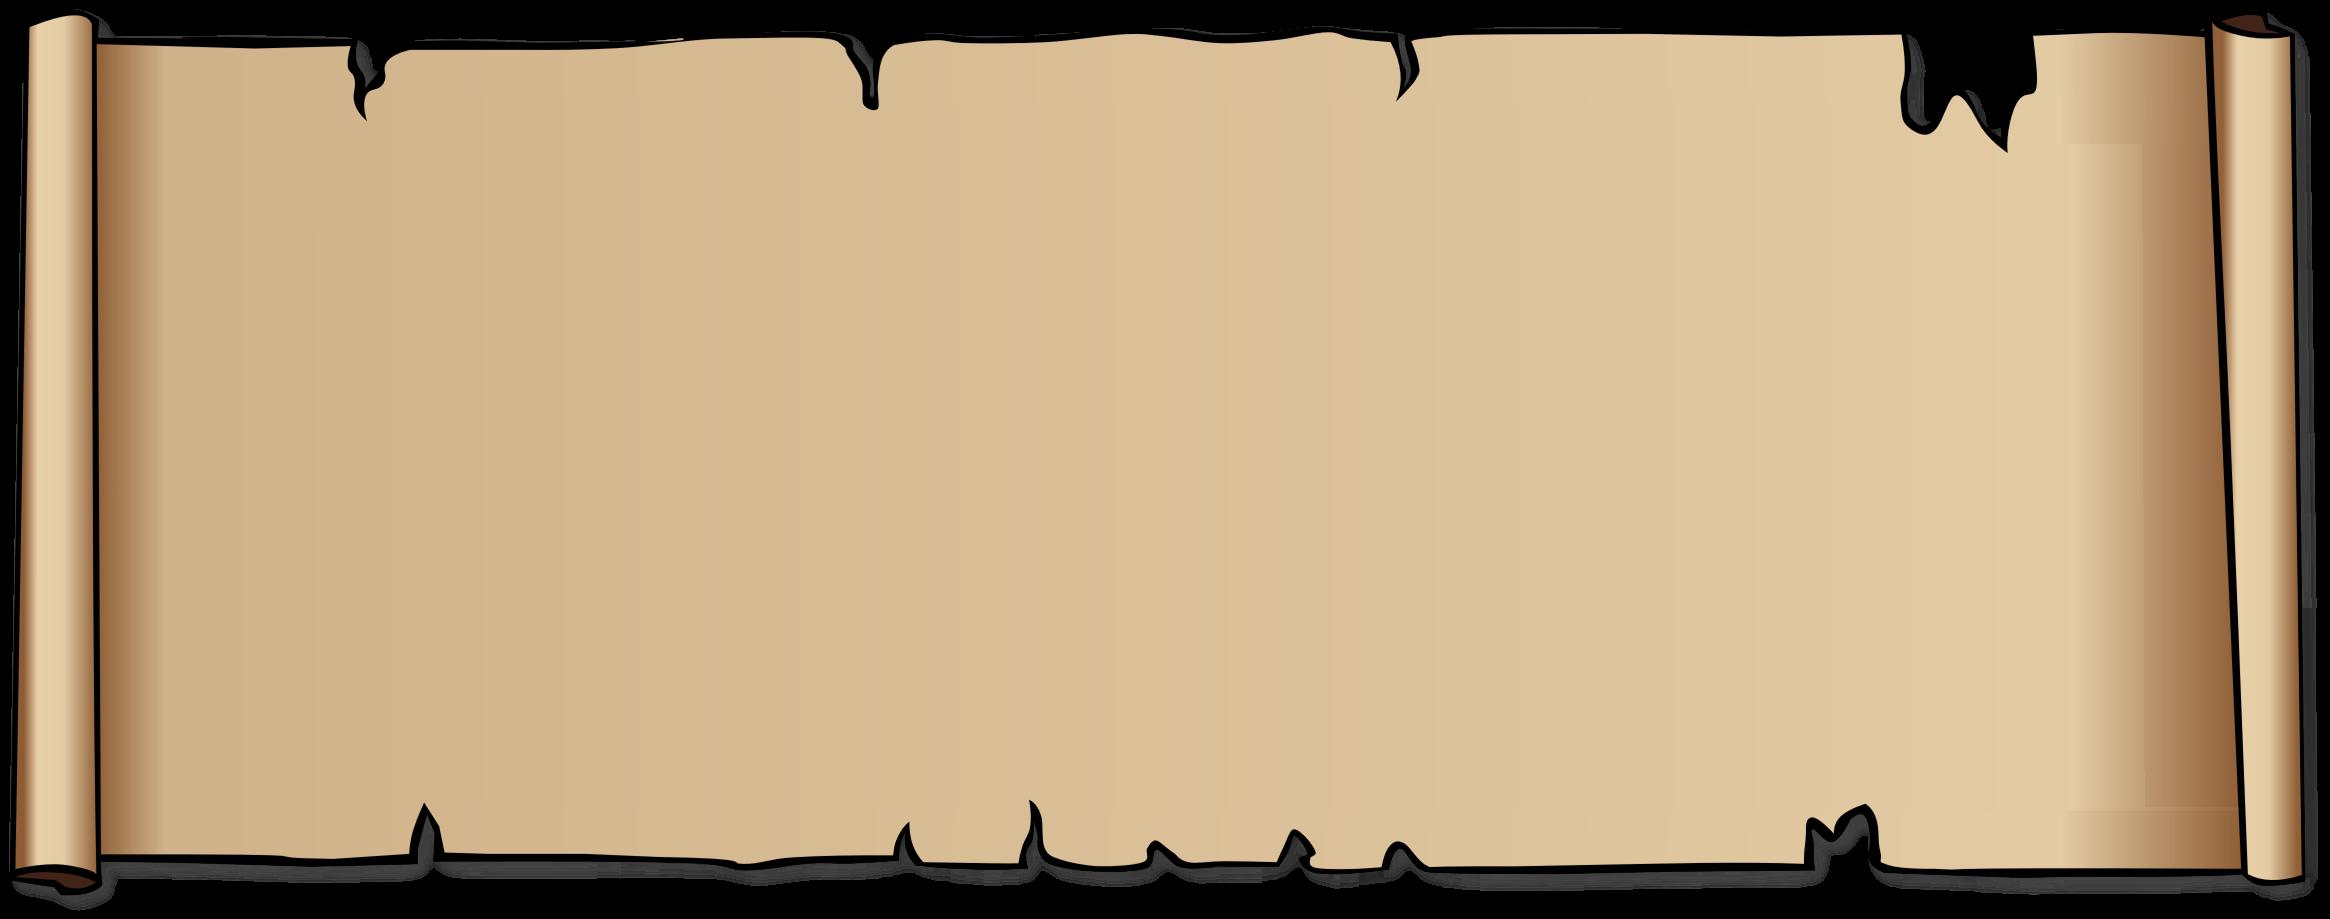 Parchment background clipart graphic transparent stock Free Free Parchment Background, Download Free Clip Art, Free ... graphic transparent stock